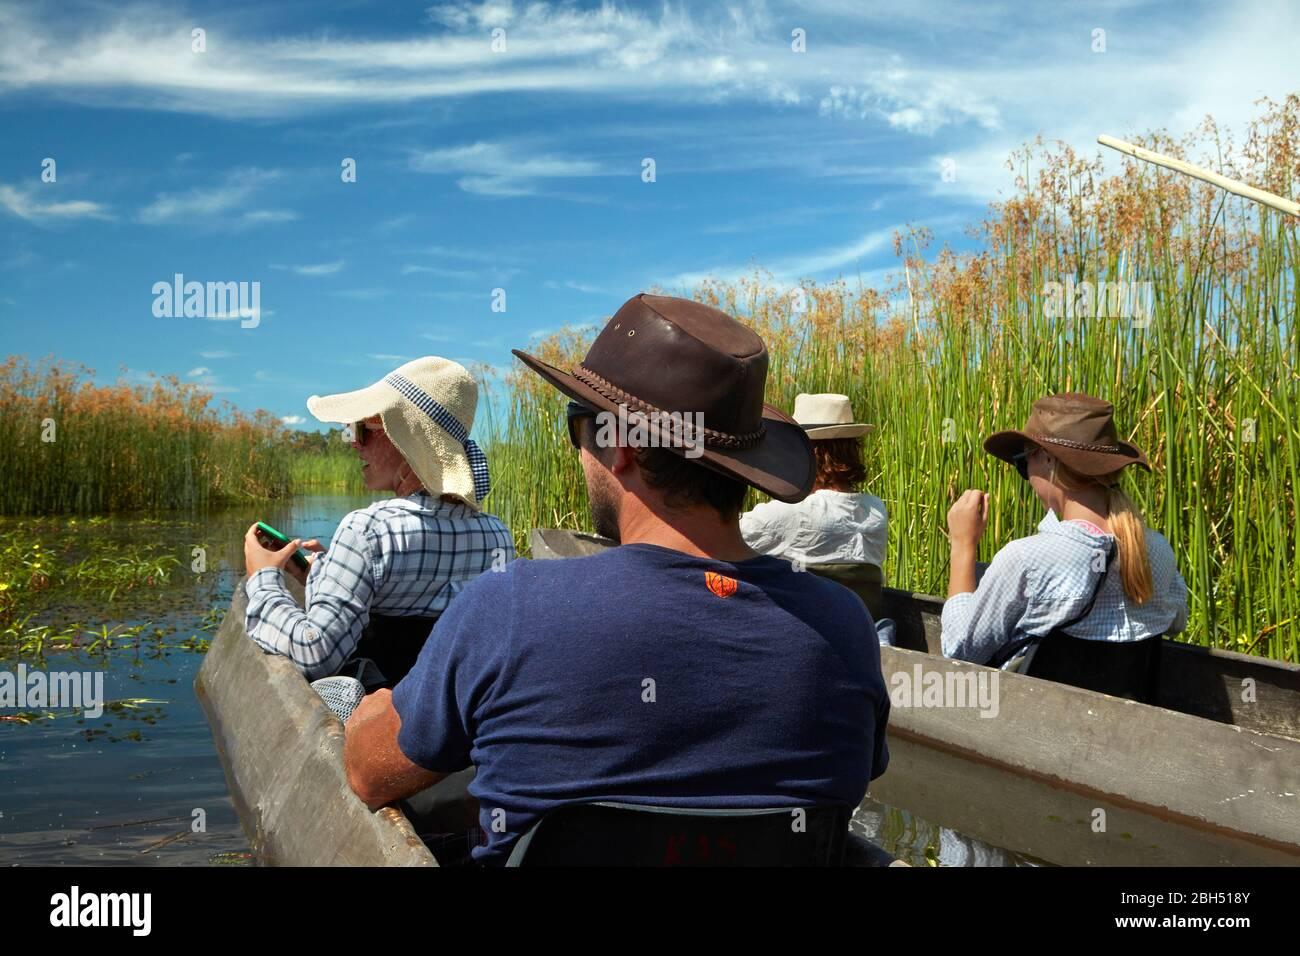 Touristes en train d'être polés dans mokoros (dugout canoes), dans le Delta d'Okavango, au Botswana, en Afrique Banque D'Images